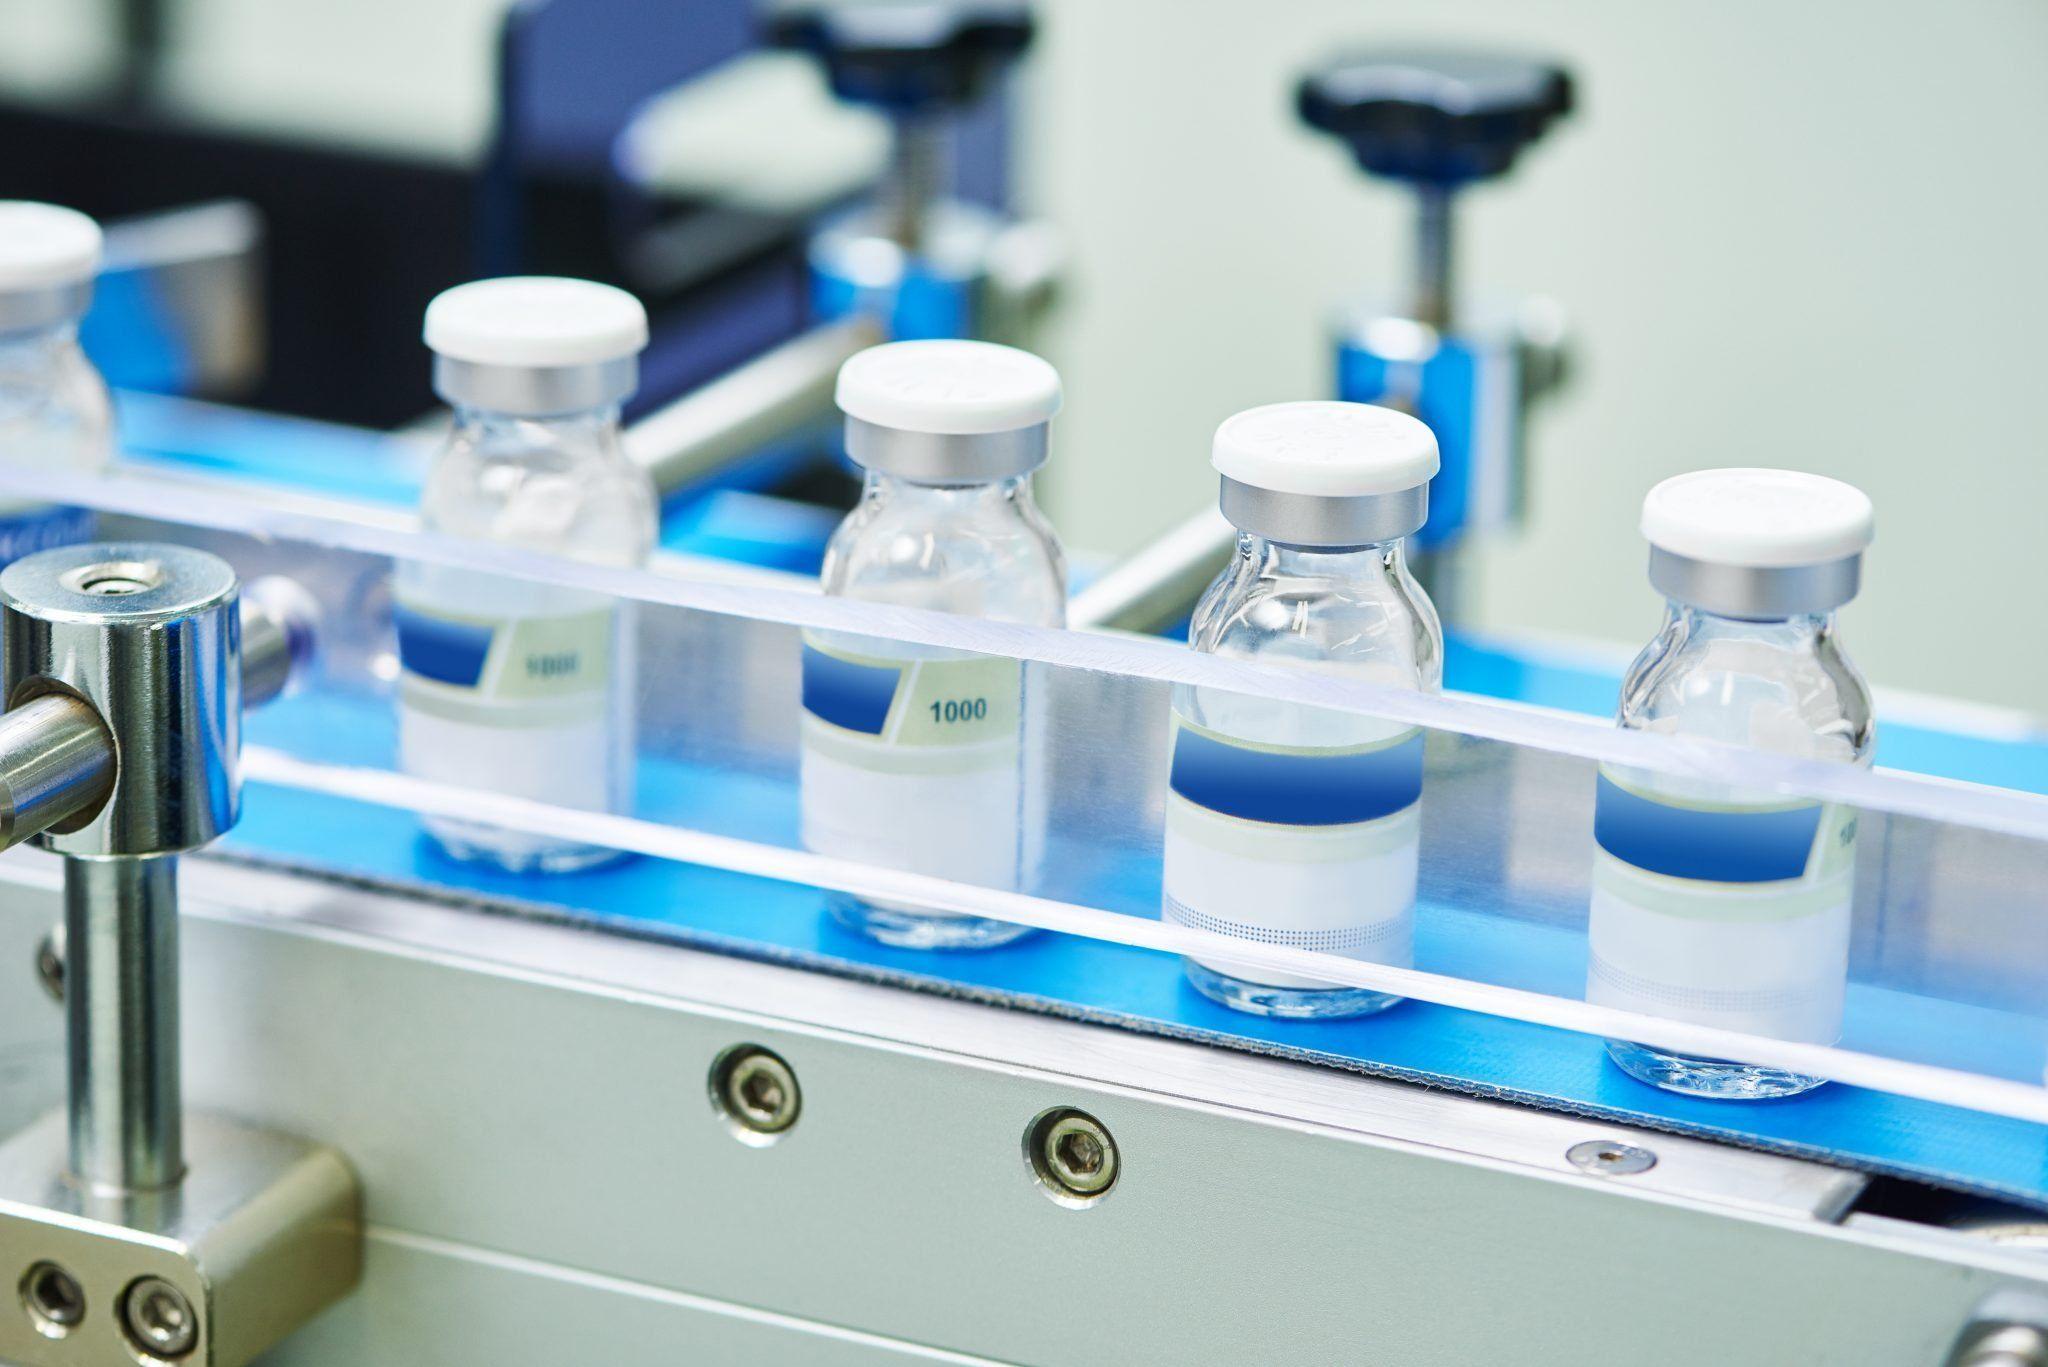 В Российской Федерации планируют выпустить сильнейший наркотический анальгетик